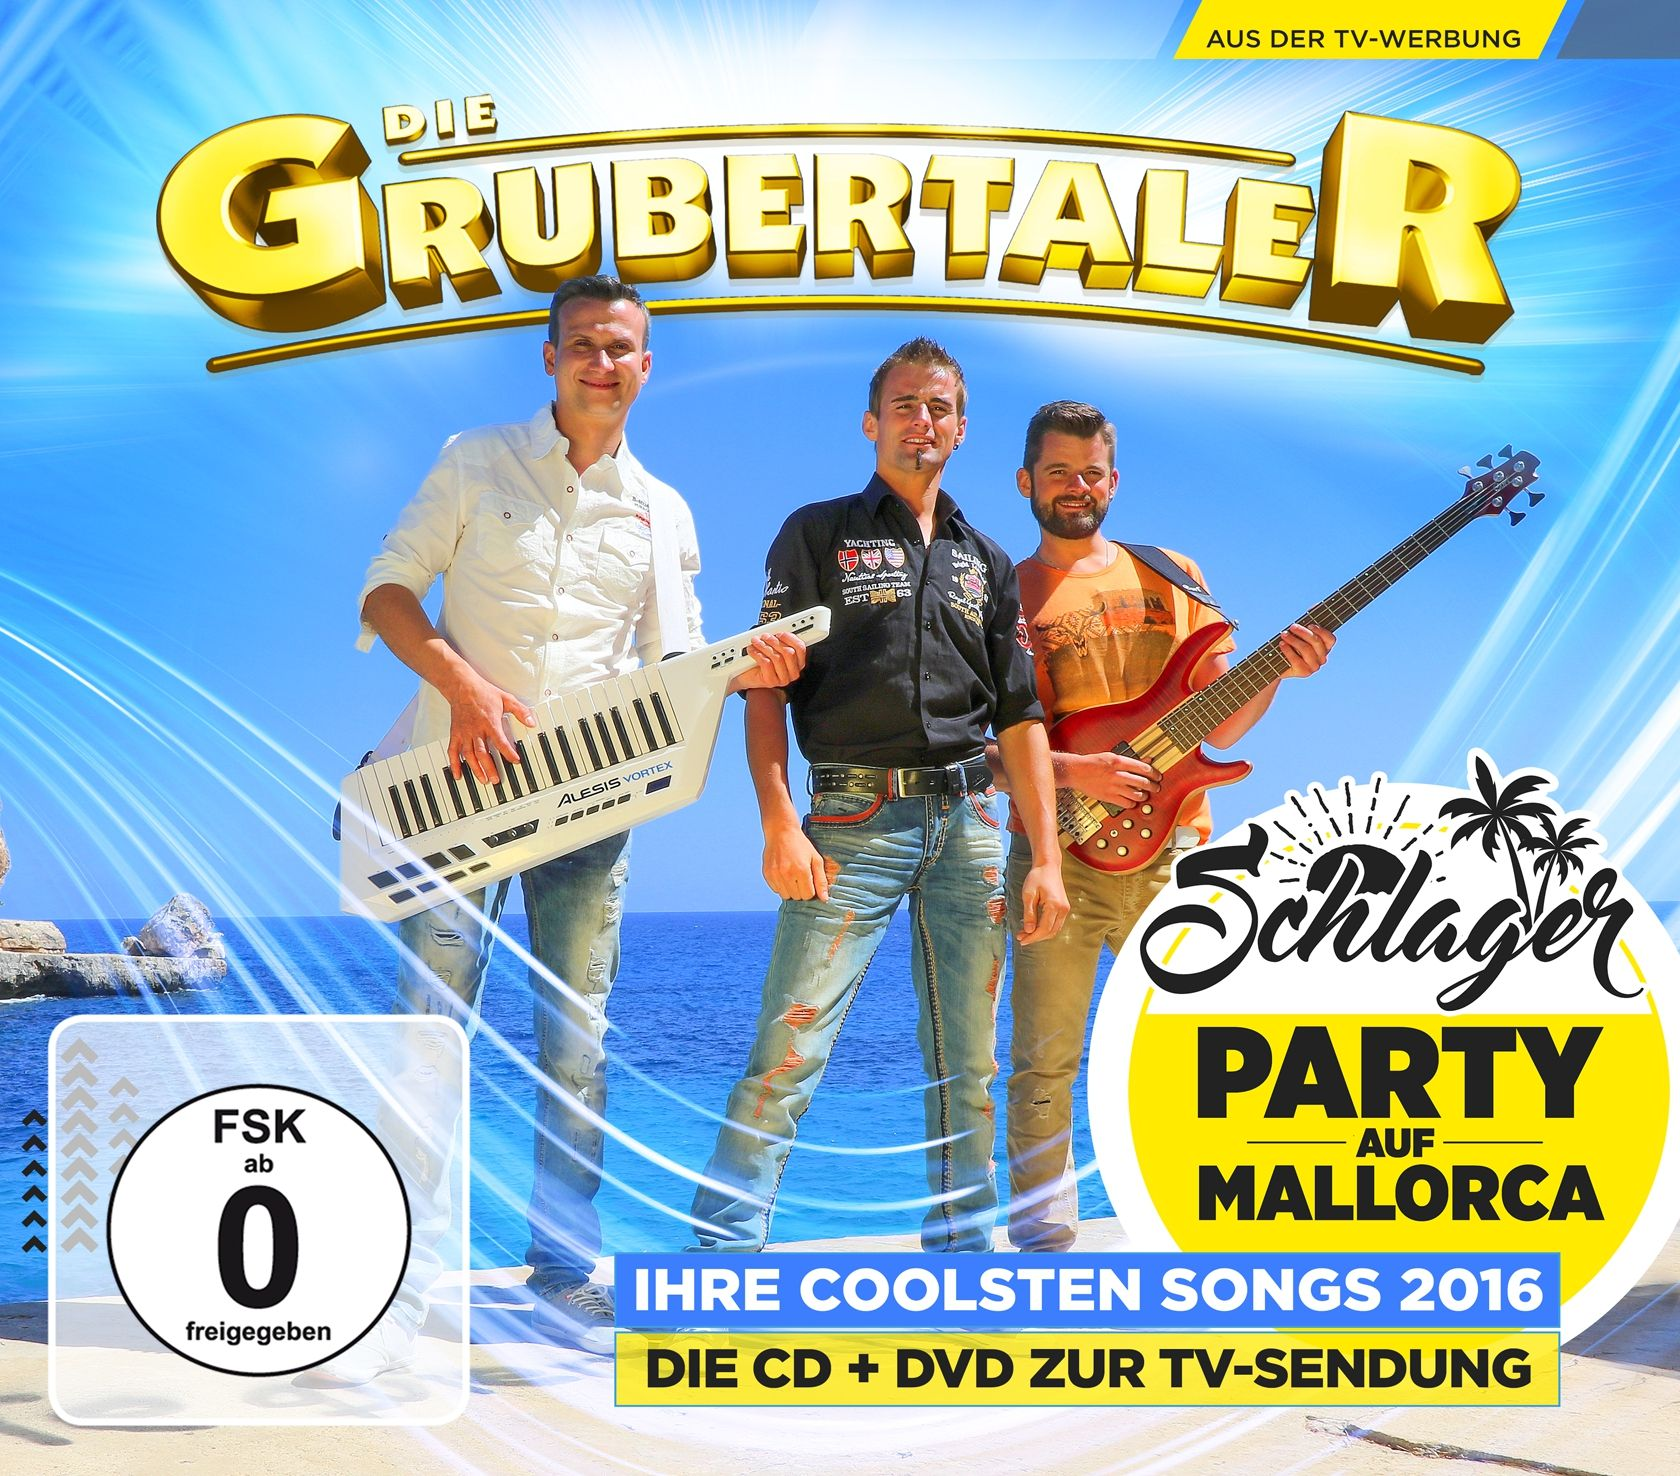 Deutsche Swinger Auf Einer Heißen Party